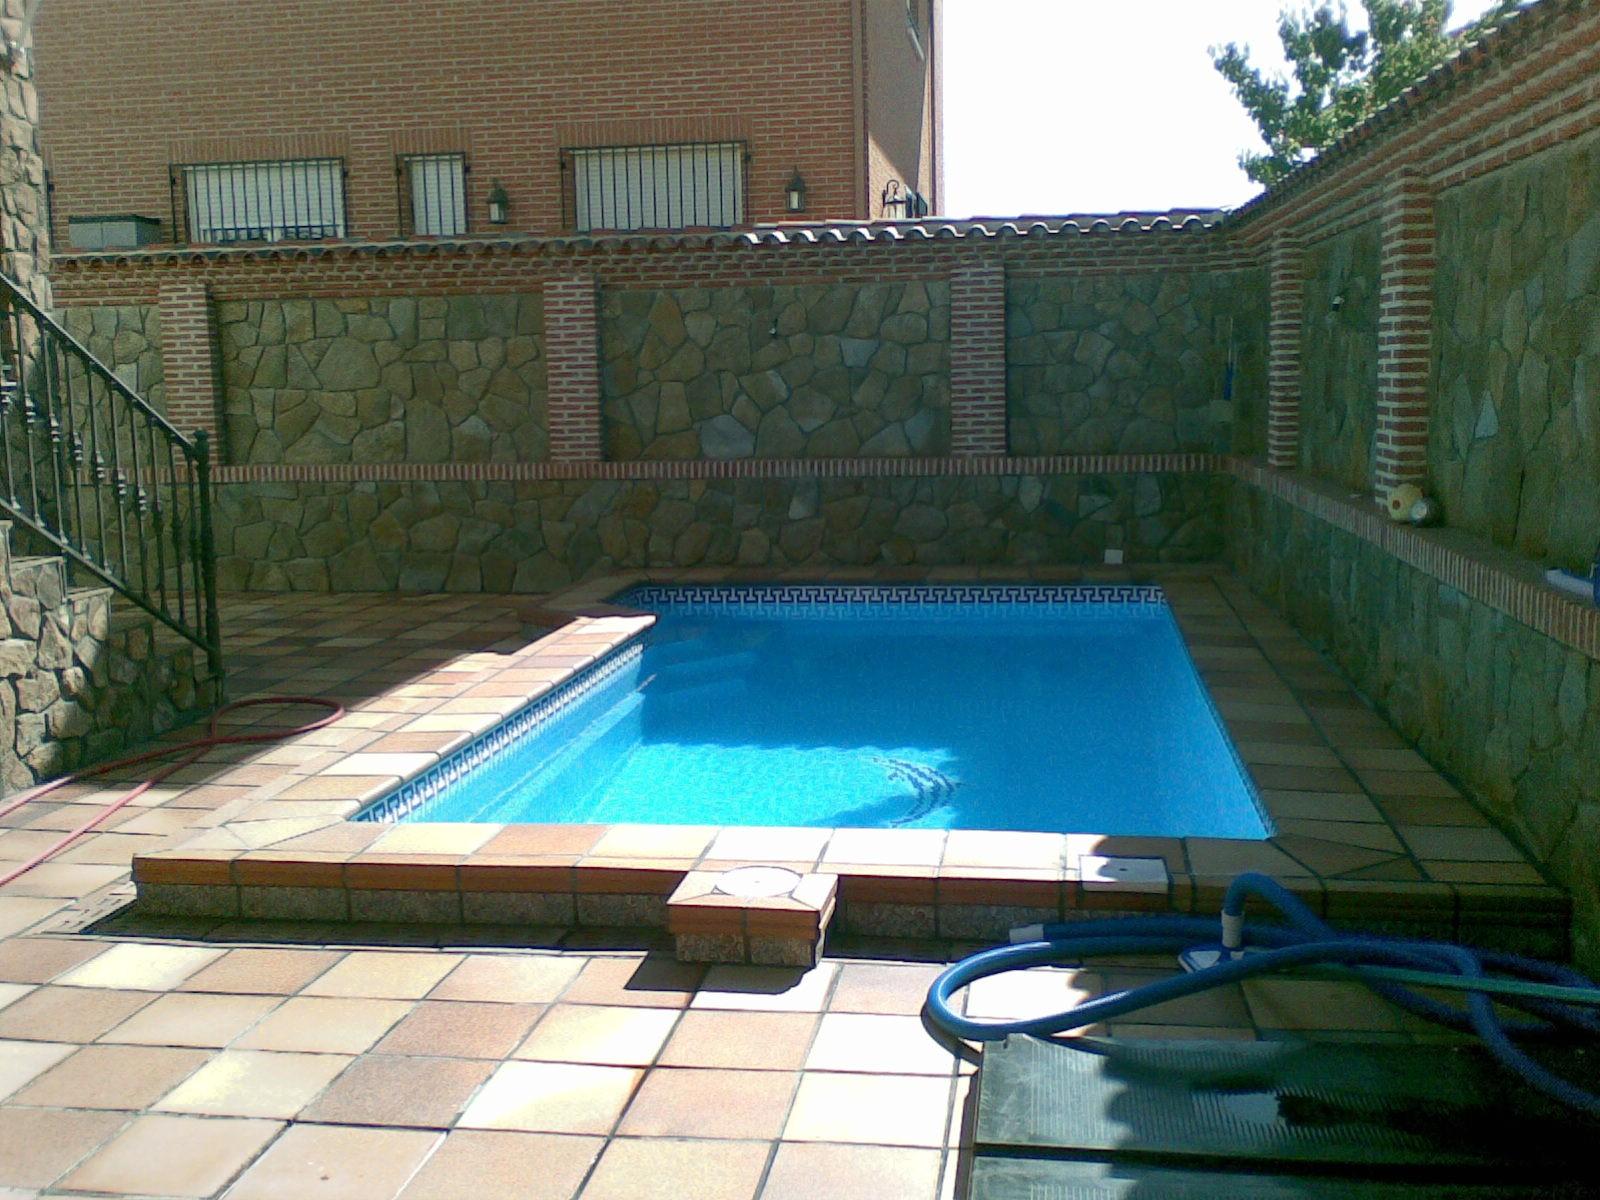 piscinas poliester precios stunning piscina modelo c cano